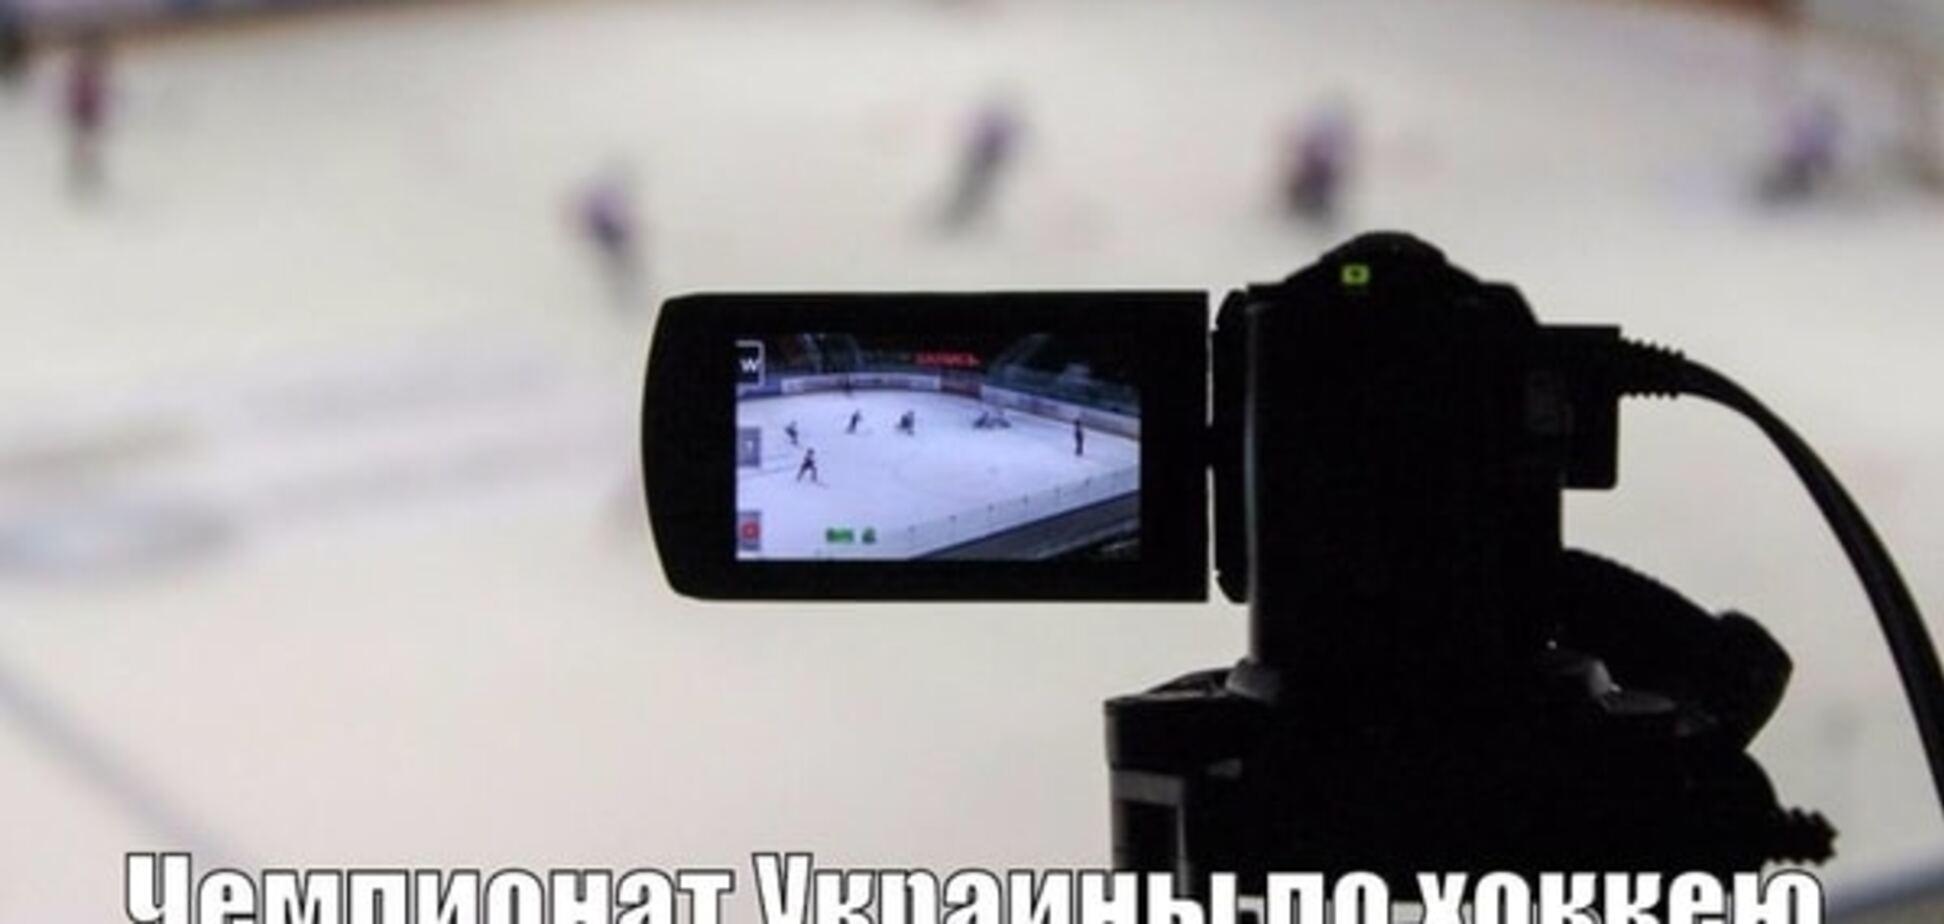 ХК Донбас - Білий Барс: онлайн відеотрансляція матчу чемпіонату України